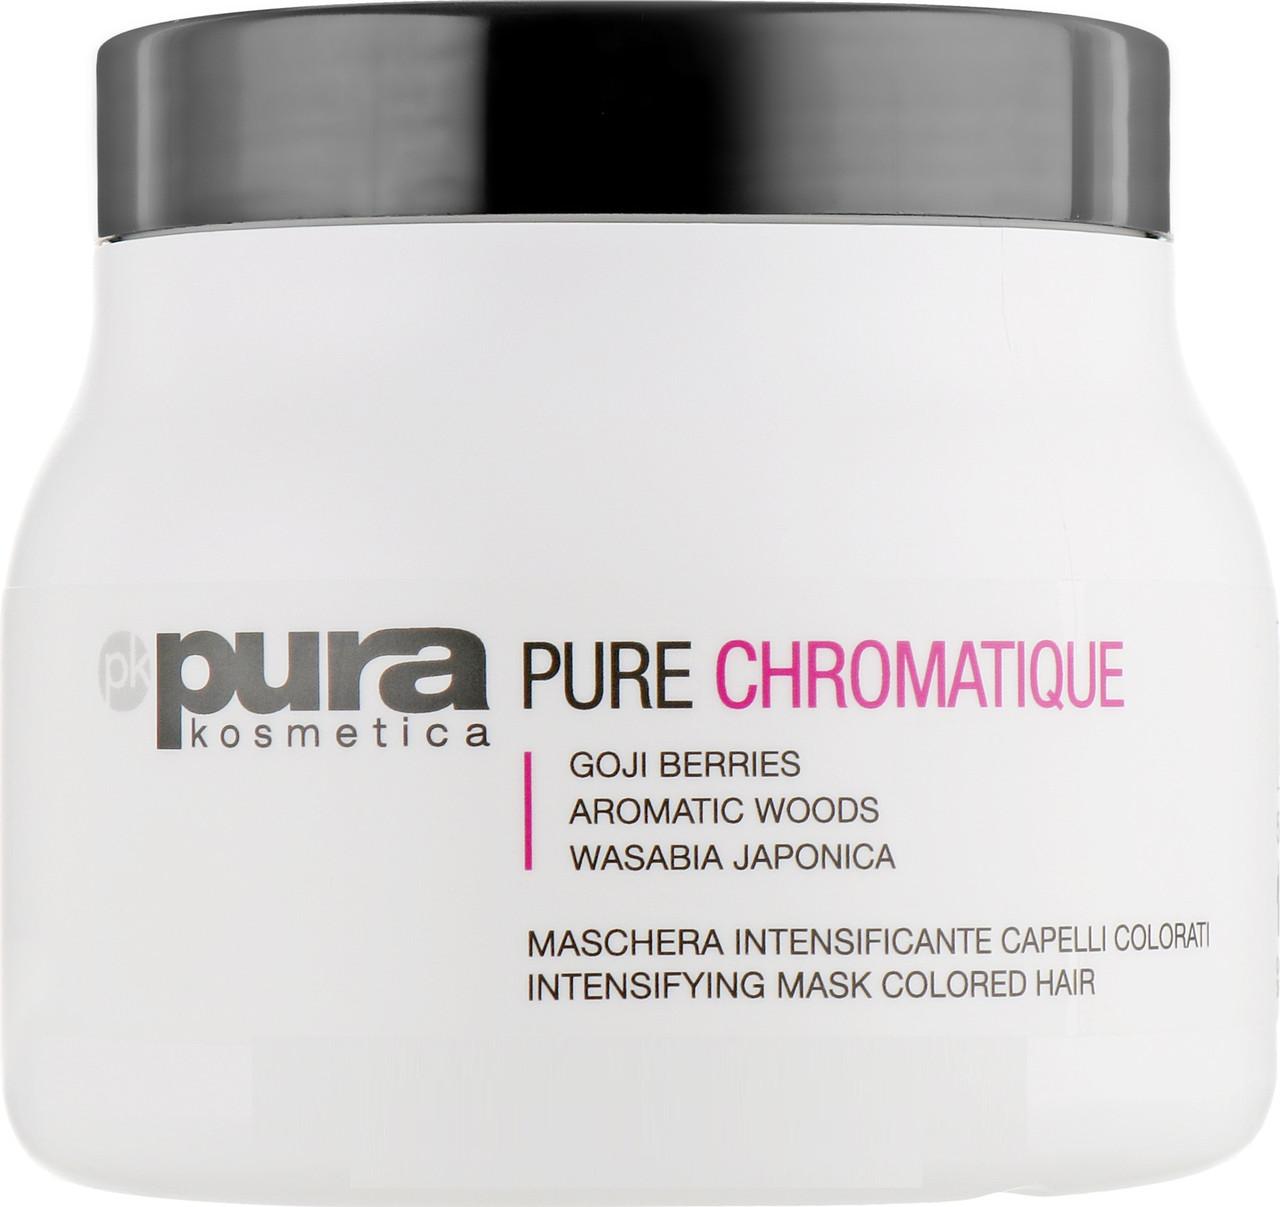 Маска для окрашенных волос Pura Kosmetica Chromatique 500 мл (8021694003346)